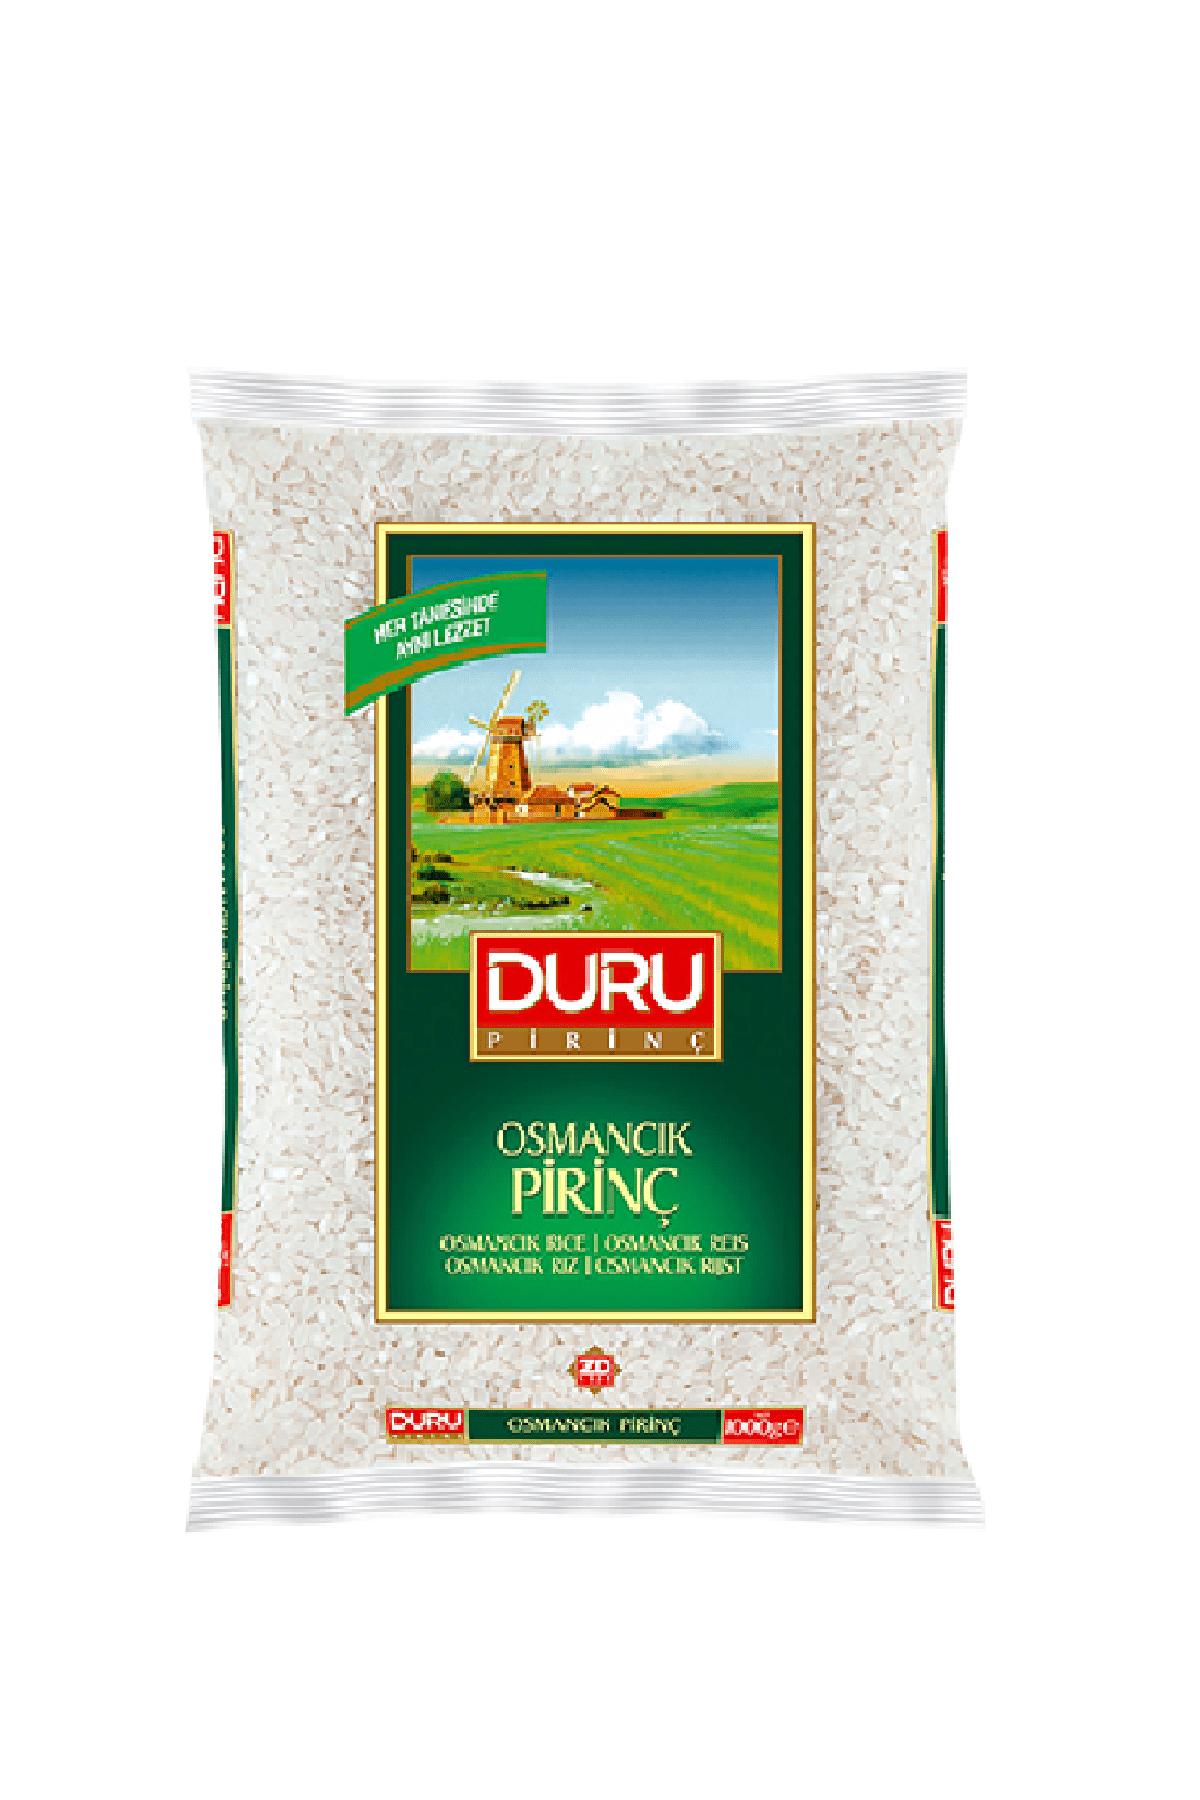 Duru Osmancık Pirinç 1 kg 0